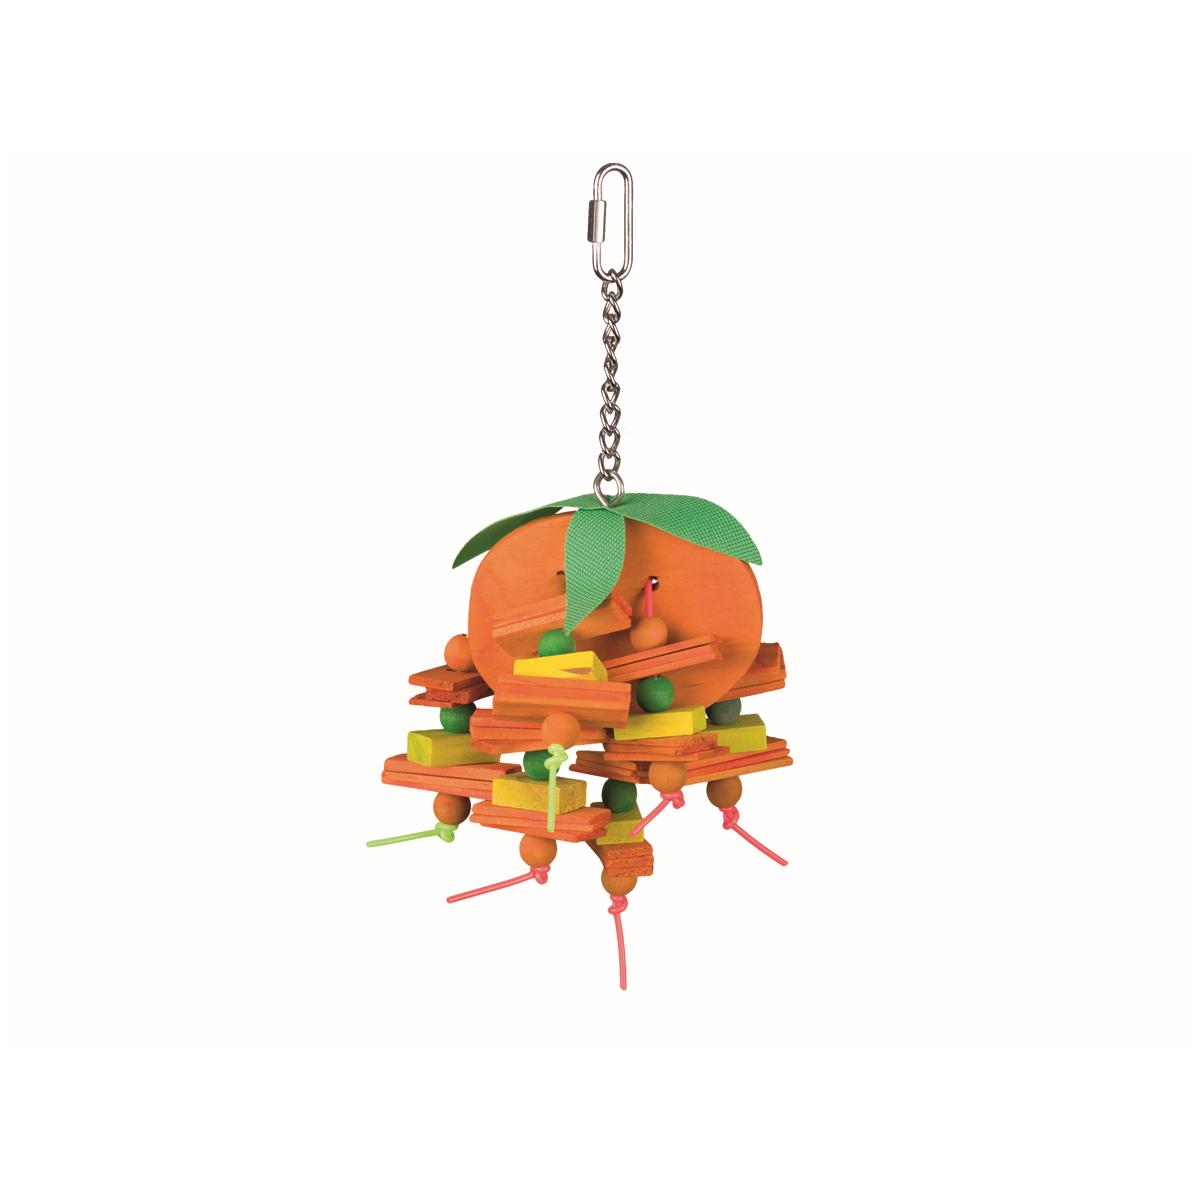 Vogel speelgoed sinaasappel groen